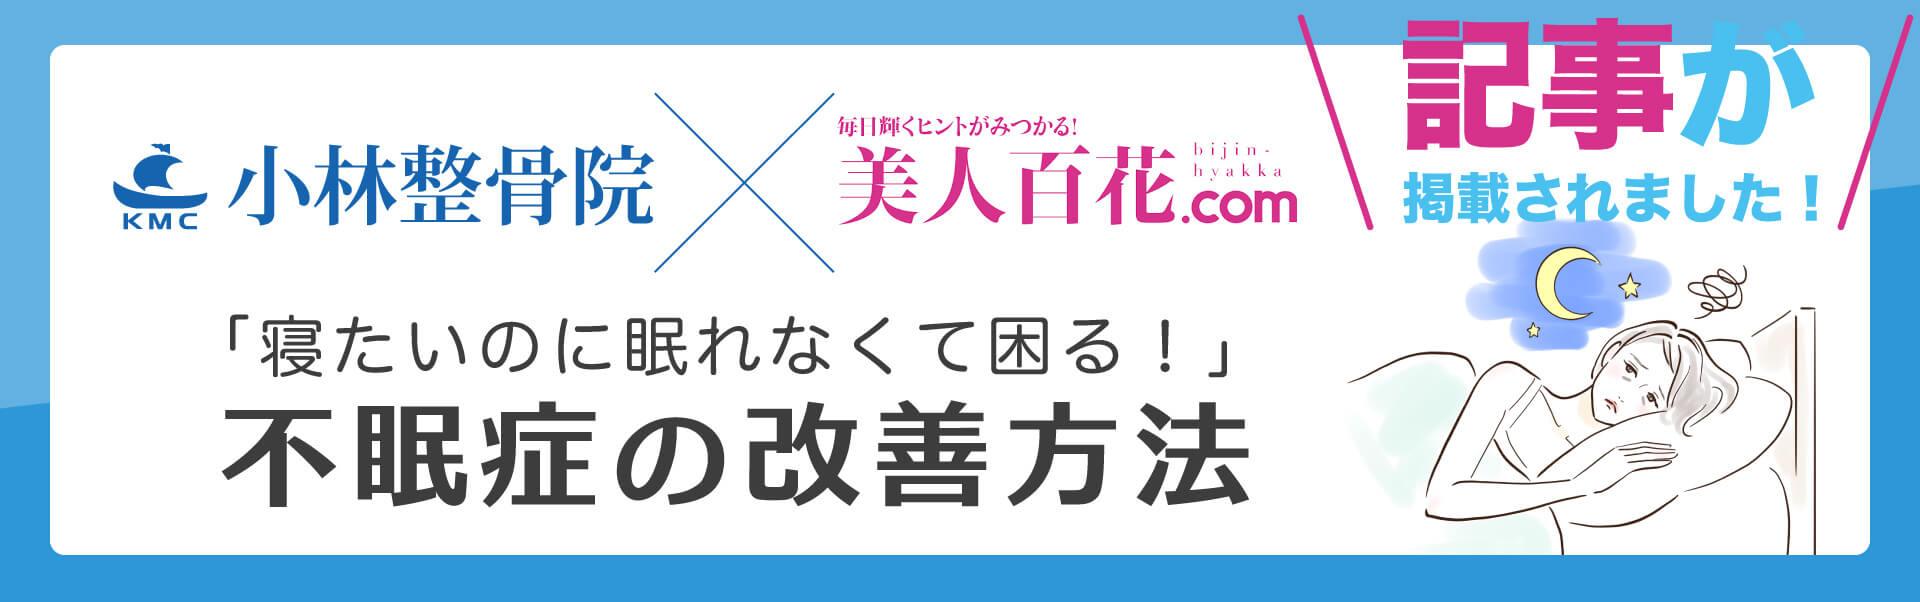 美人百花.comに「不眠症の改善方法」記事掲載